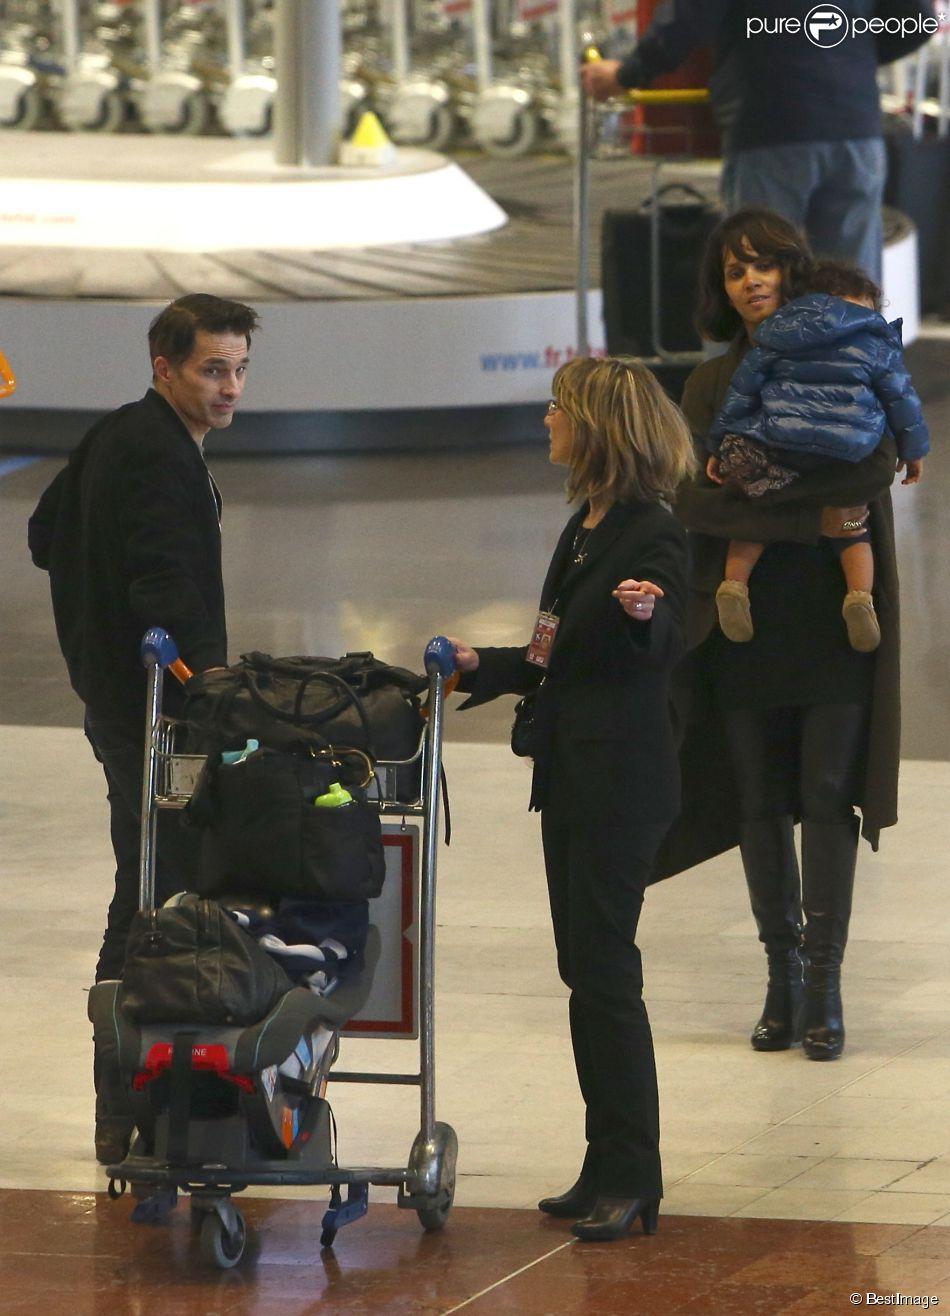 Olivier Martinez, sa femme Halle Berry et leur fils Maceo arrivent à l'aéroport Charles de Gaulle à Paris, le 19 décembre 2014. Ils vont passer les fêtes de Noël dans la famille de l'acteur.